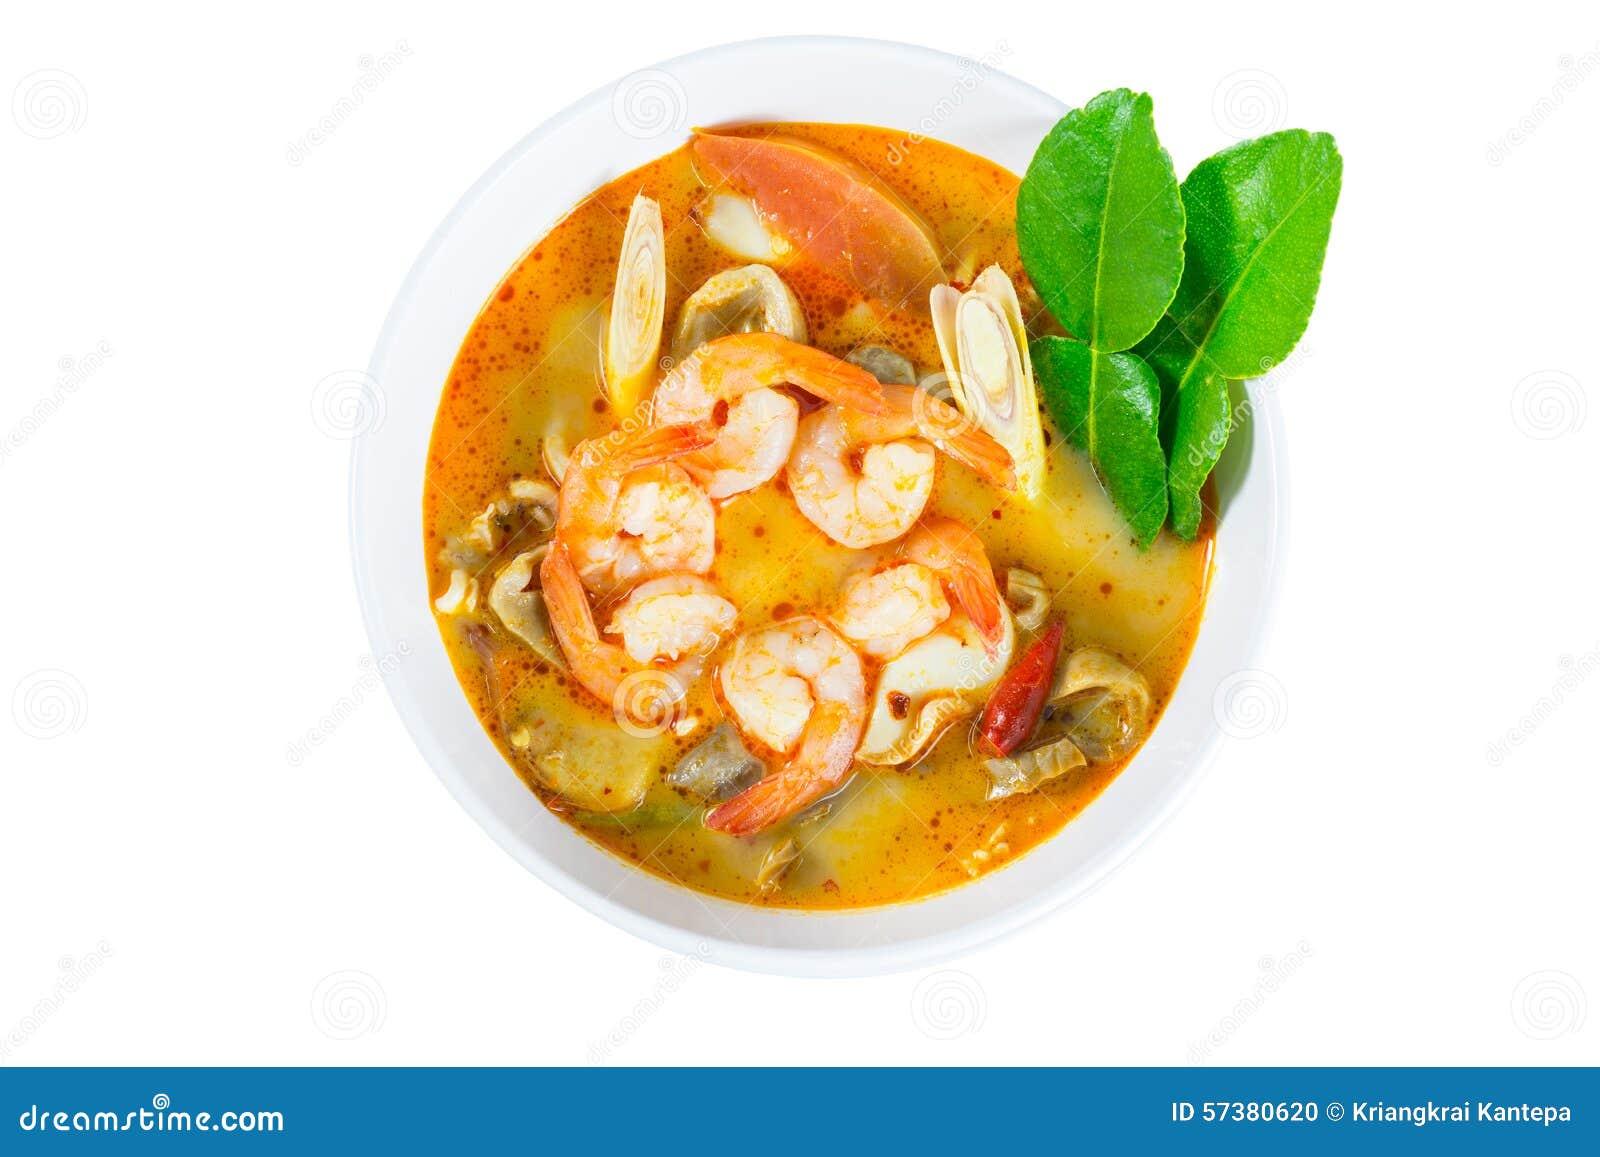 Tom Yum Goong - sopa quente e picante tailandesa com camarão - Cuisi tailandês